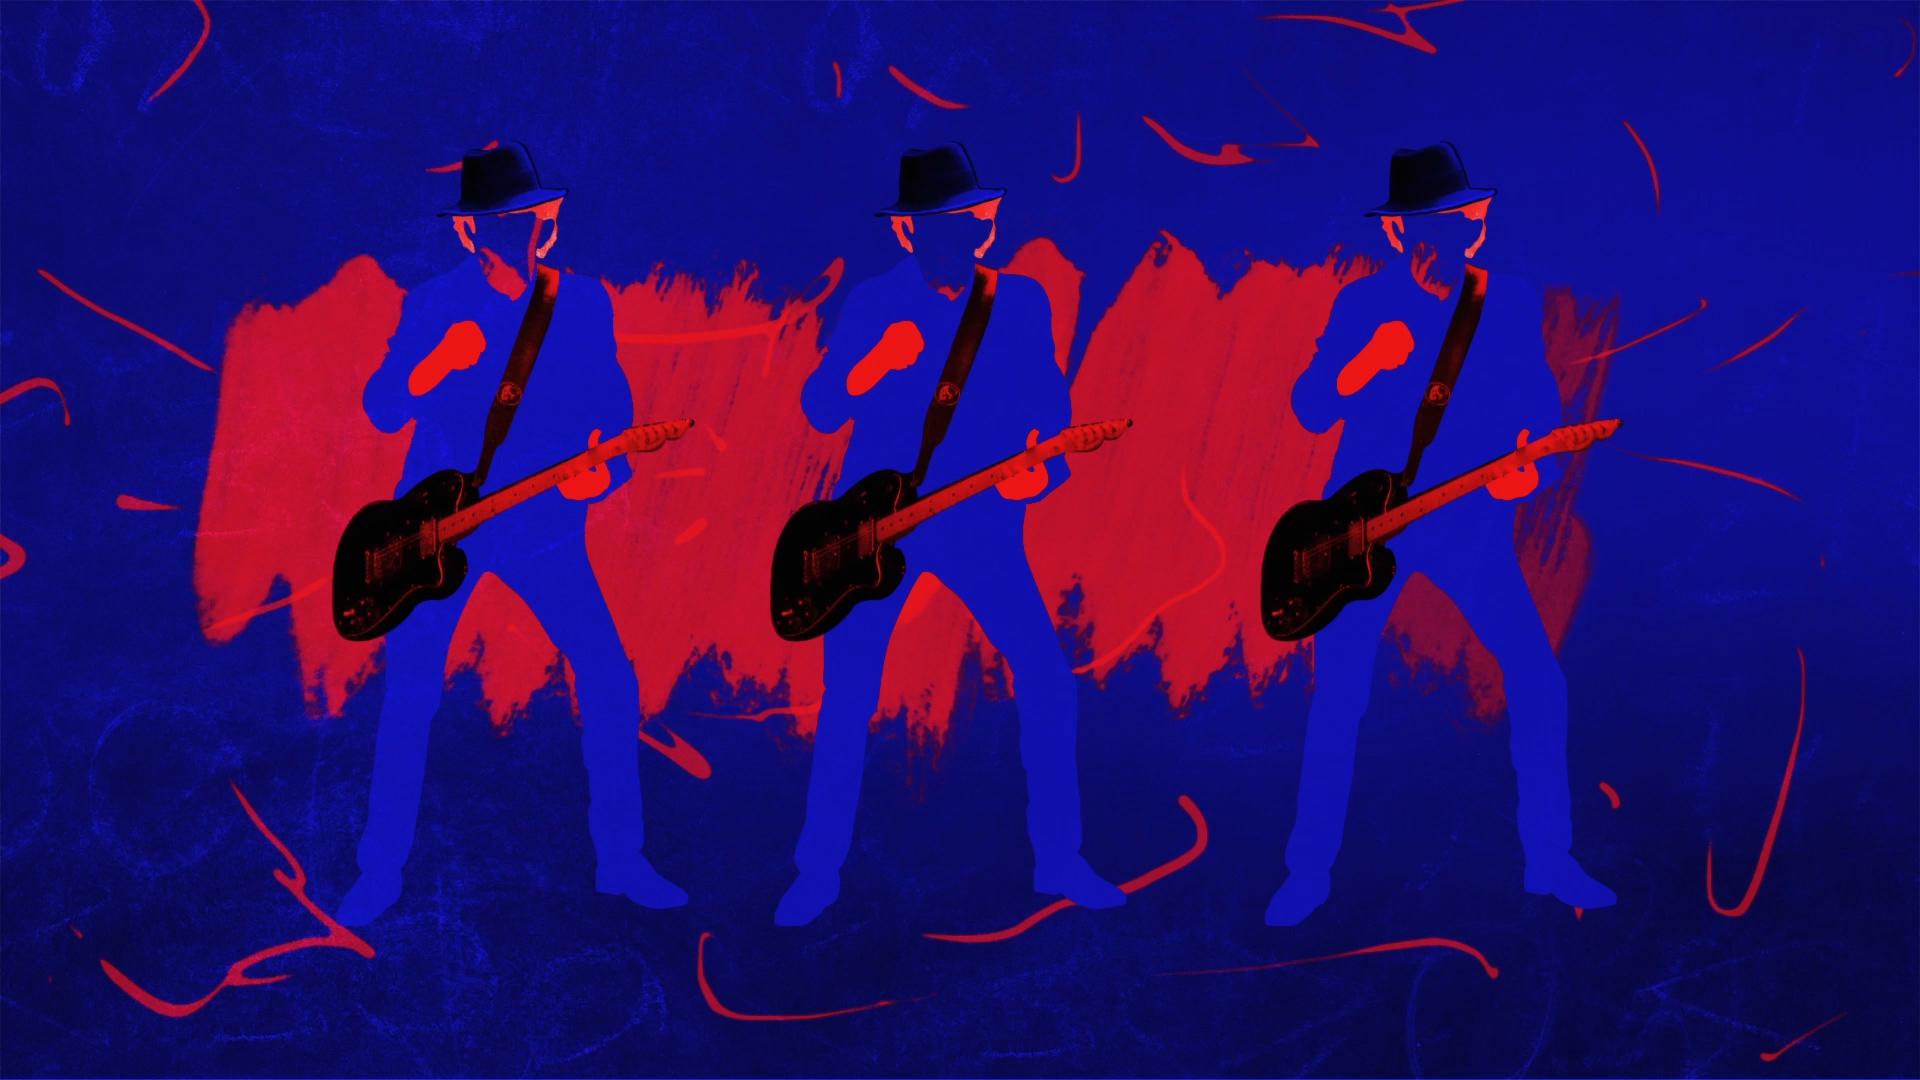 RollingStones-BlueLonesome_26.11.16_V3 (0-00-06-22).jpg